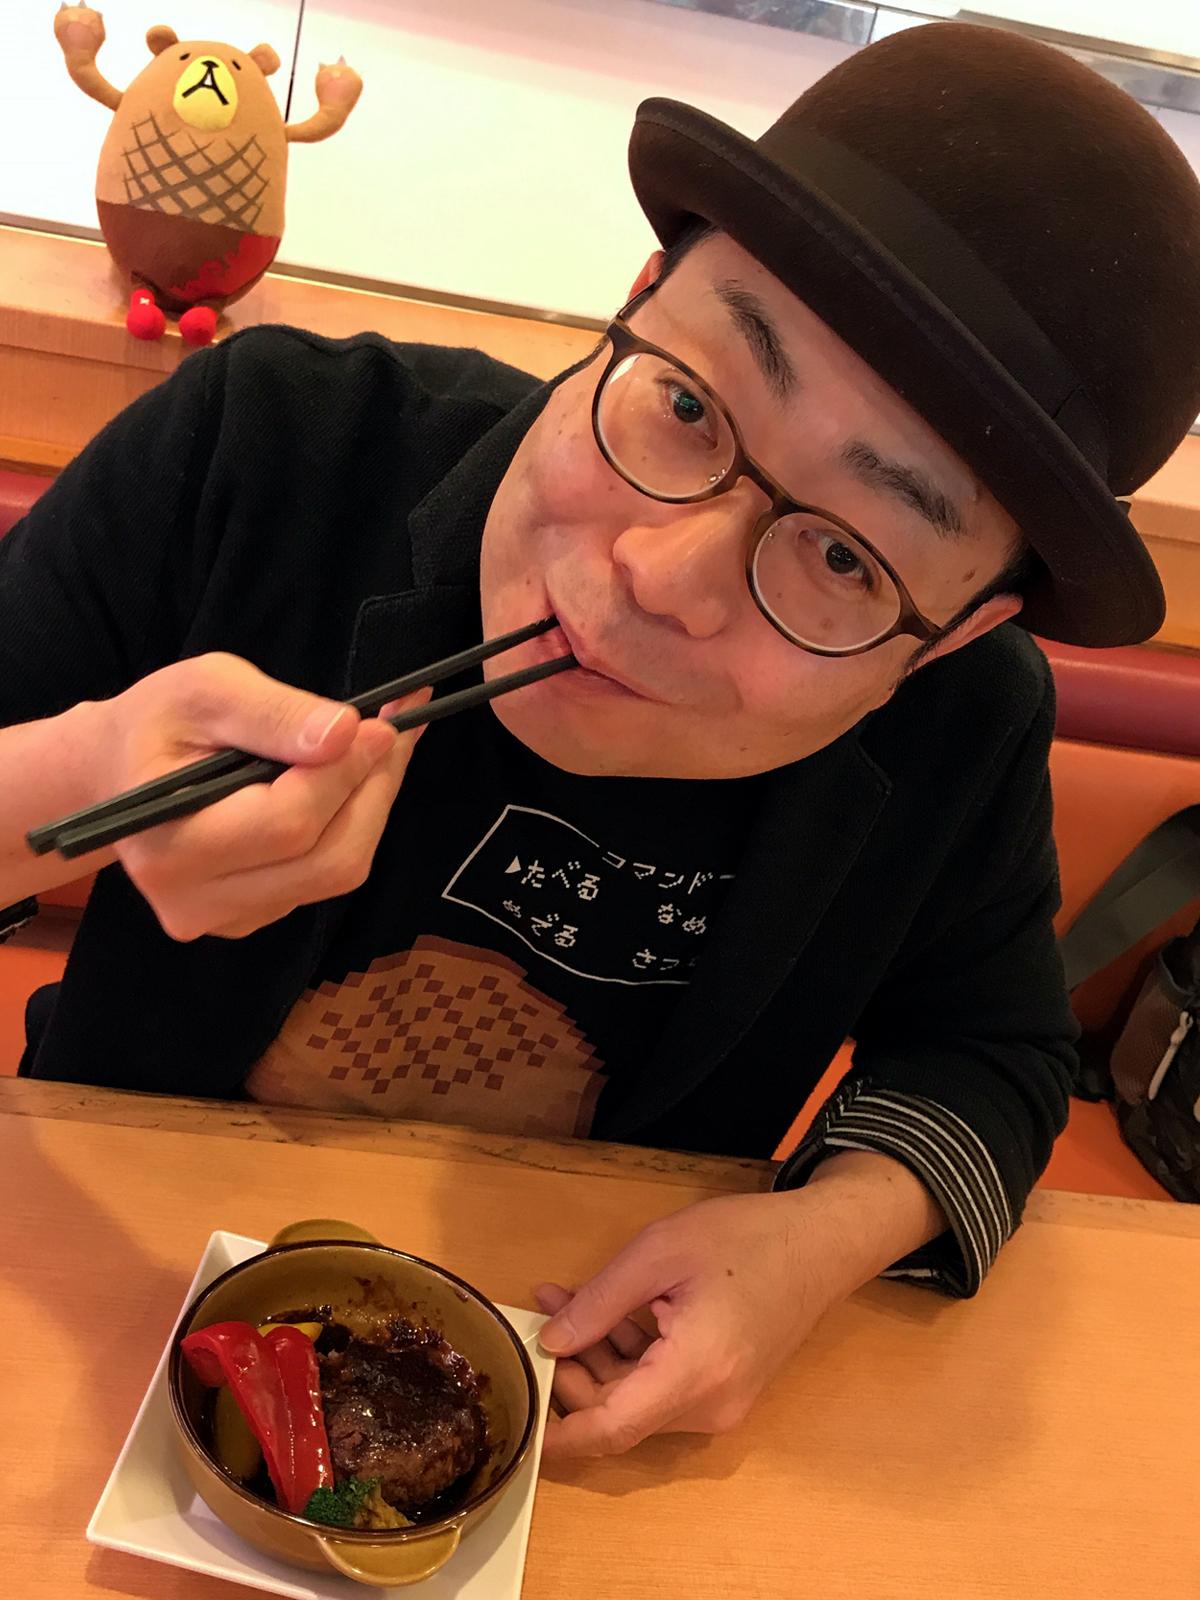 かっぱ寿司 デミグラスハンバーグ実食